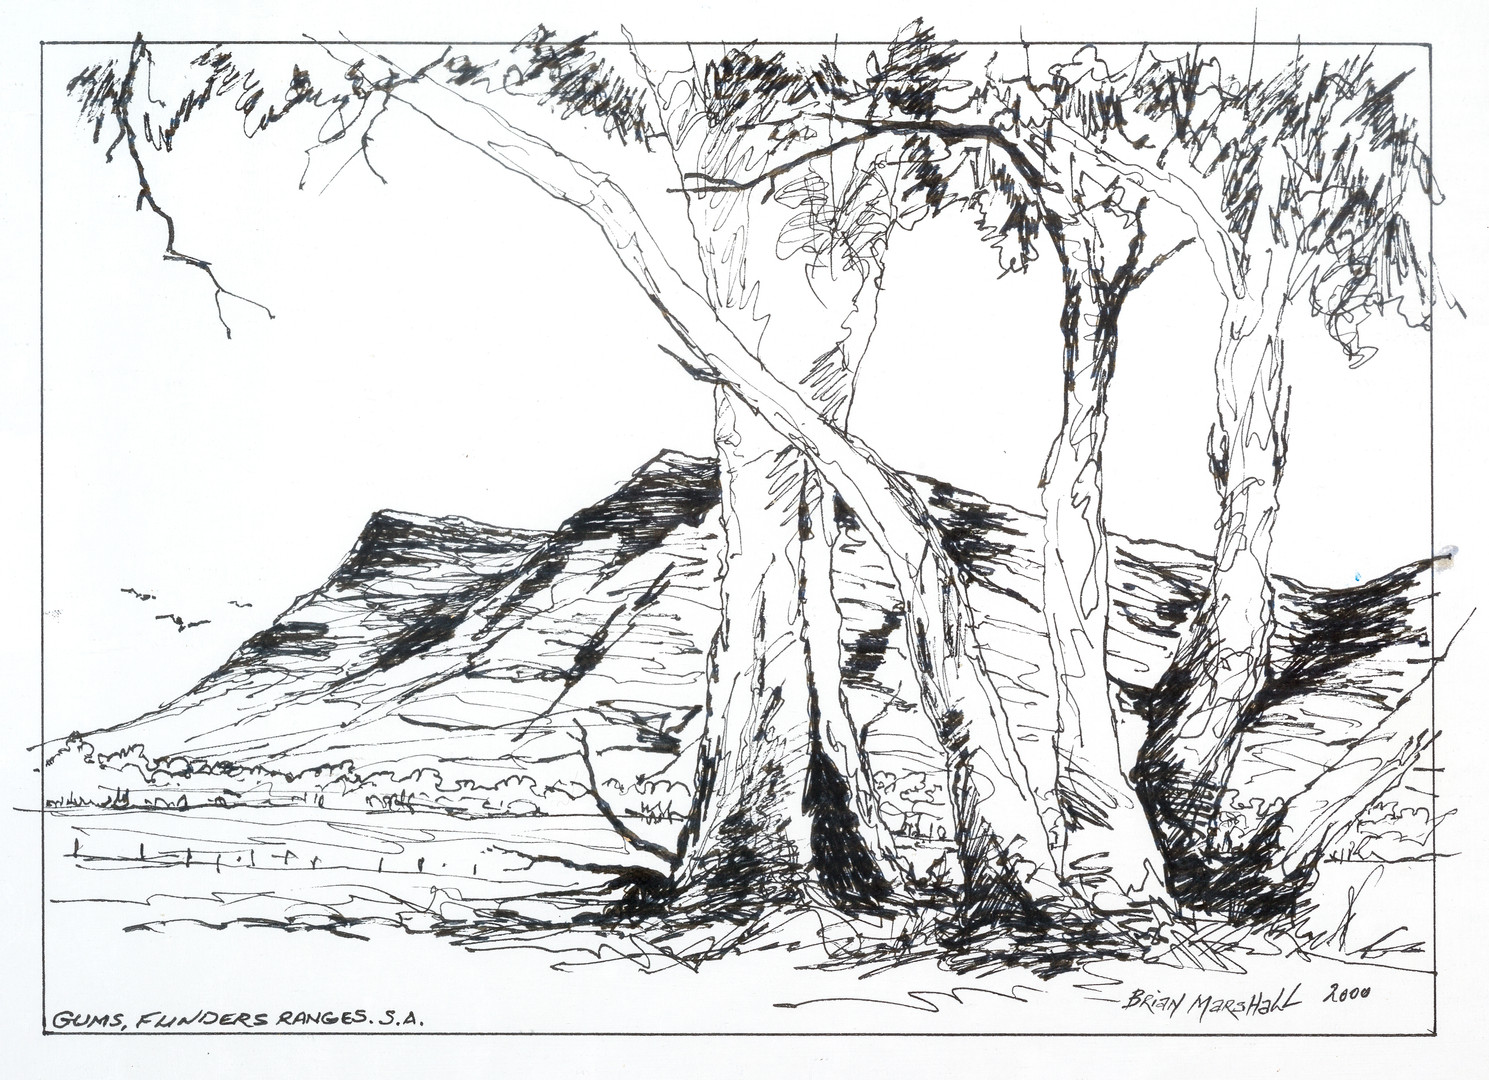 51. Gums - Flinders Ranges by Brian M